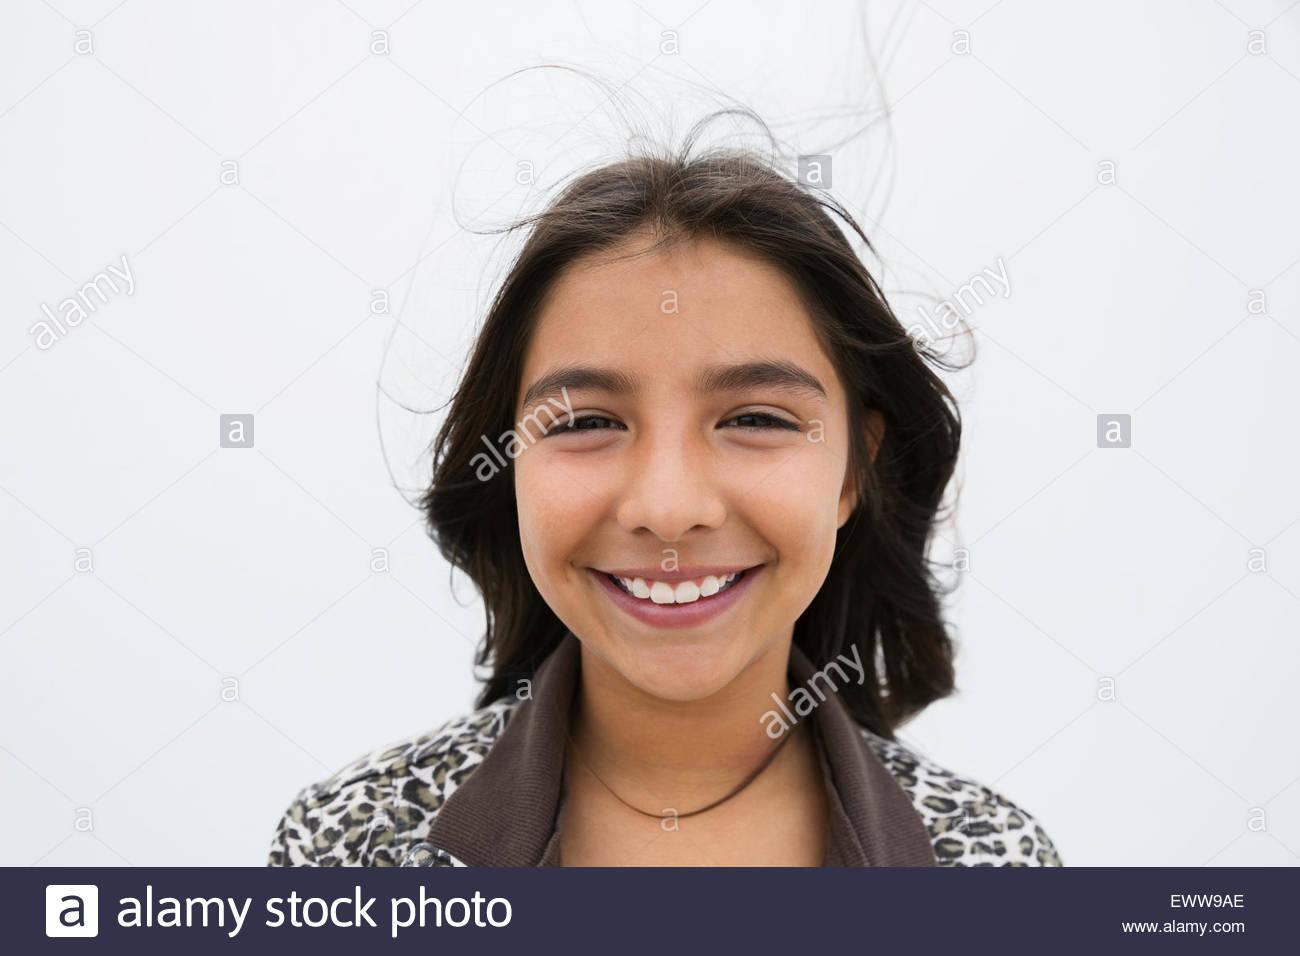 Ritratto sorridente ragazza bruna Immagini Stock